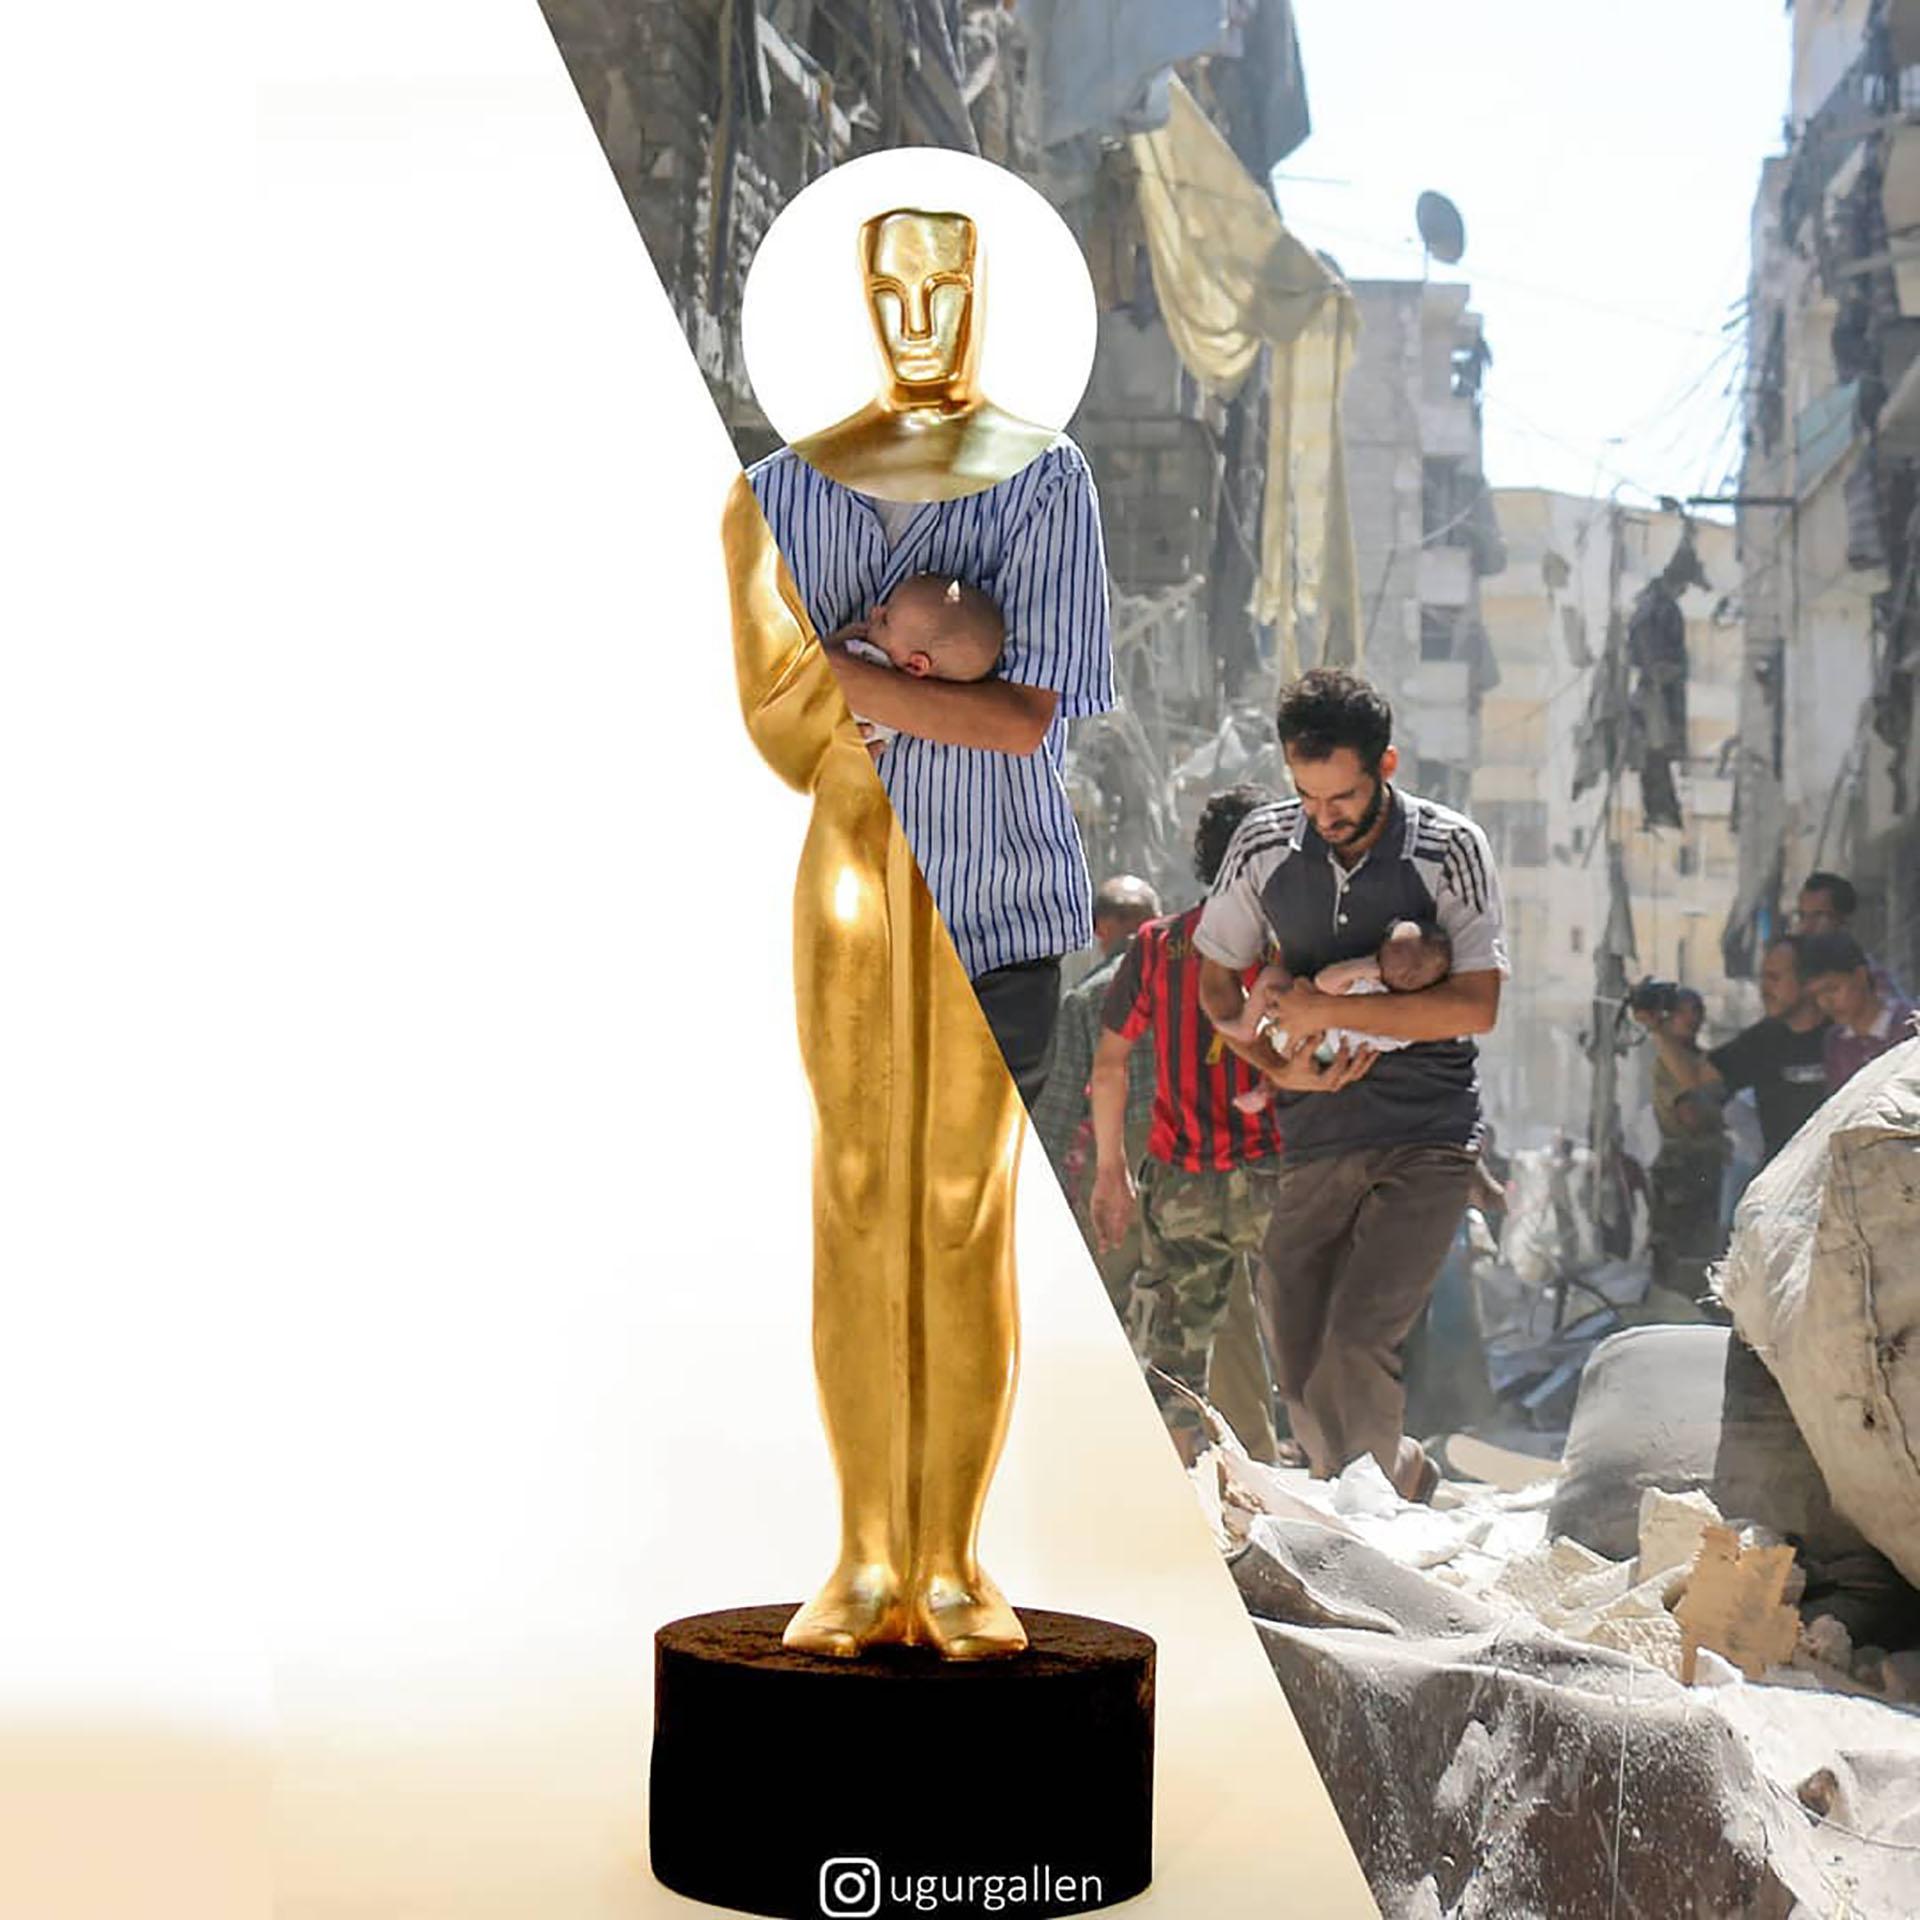 La estatuilla del Oscar y una escena de hombre rescatando un bebé en medio de los escombros tras un bombardeo en Alepo, Siria.